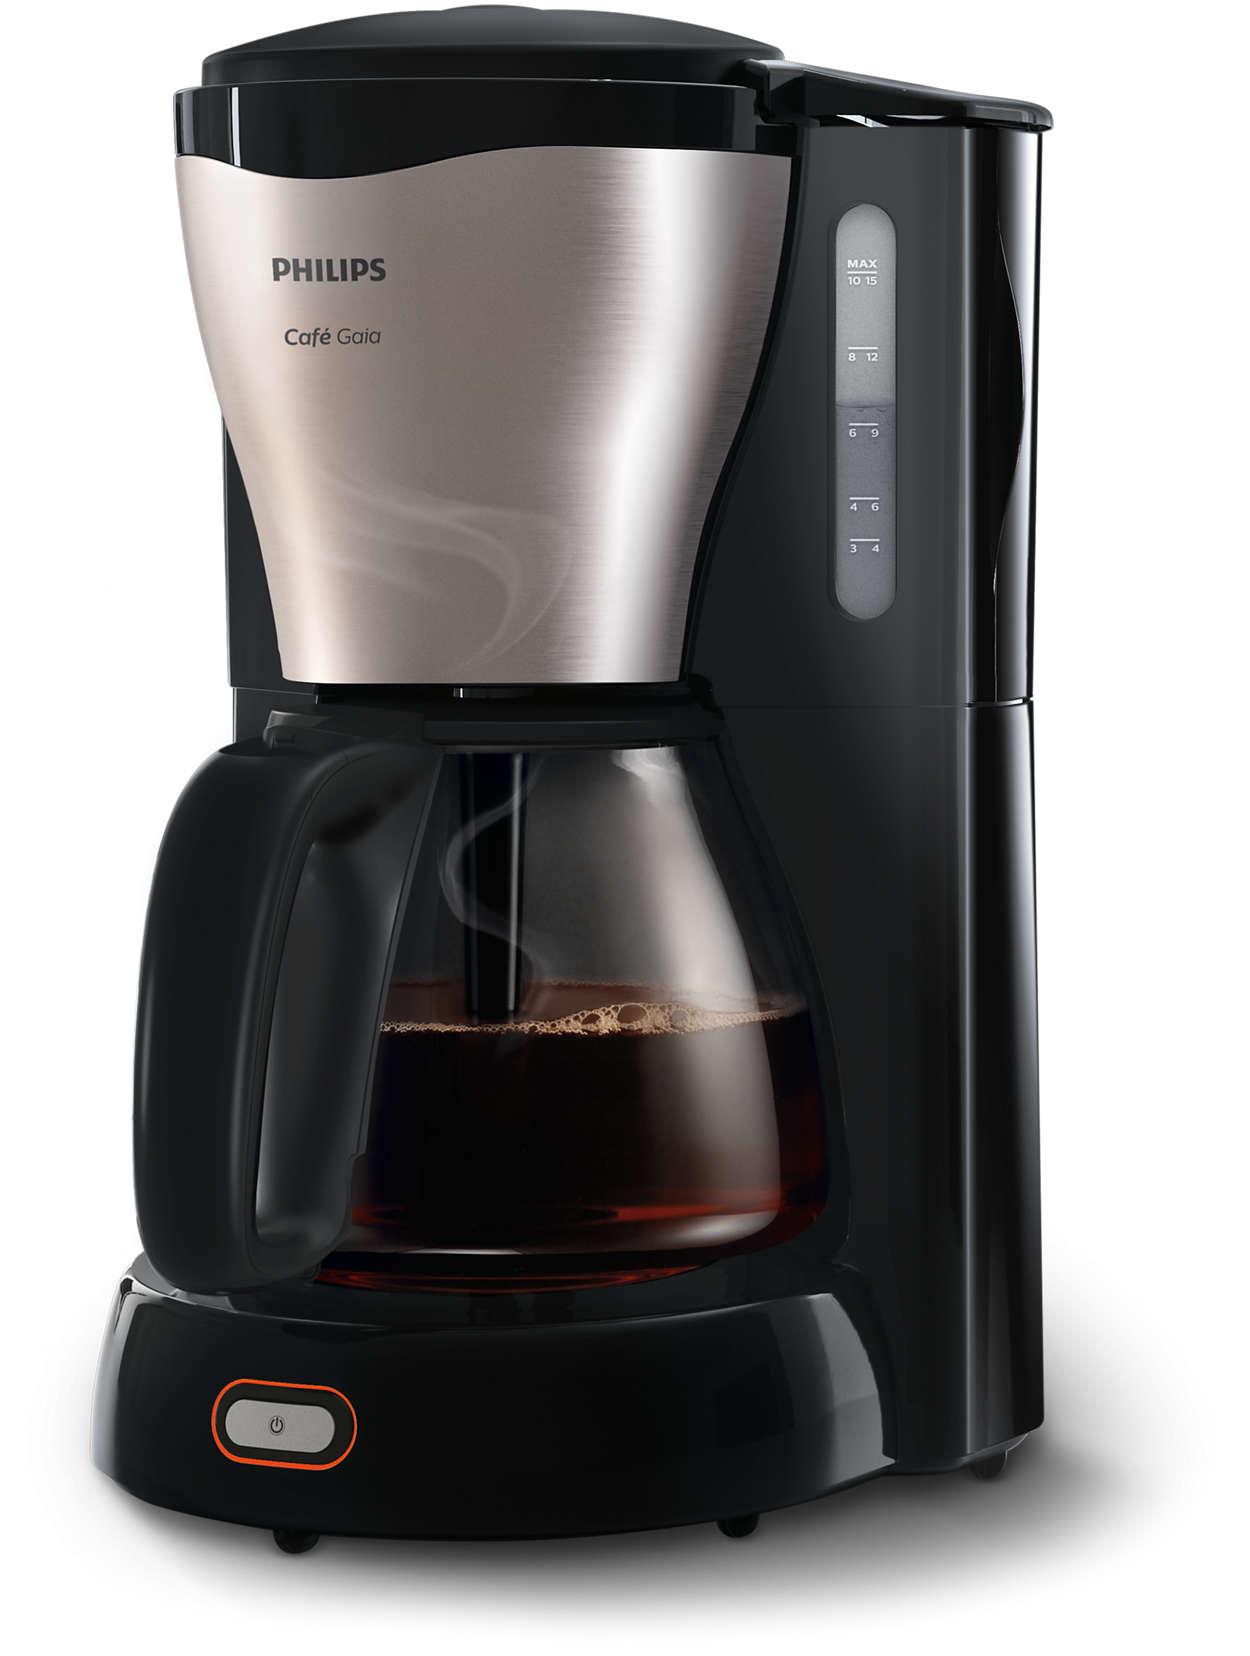 Υπέροχος ζεστός καφές με εμβληματικό design